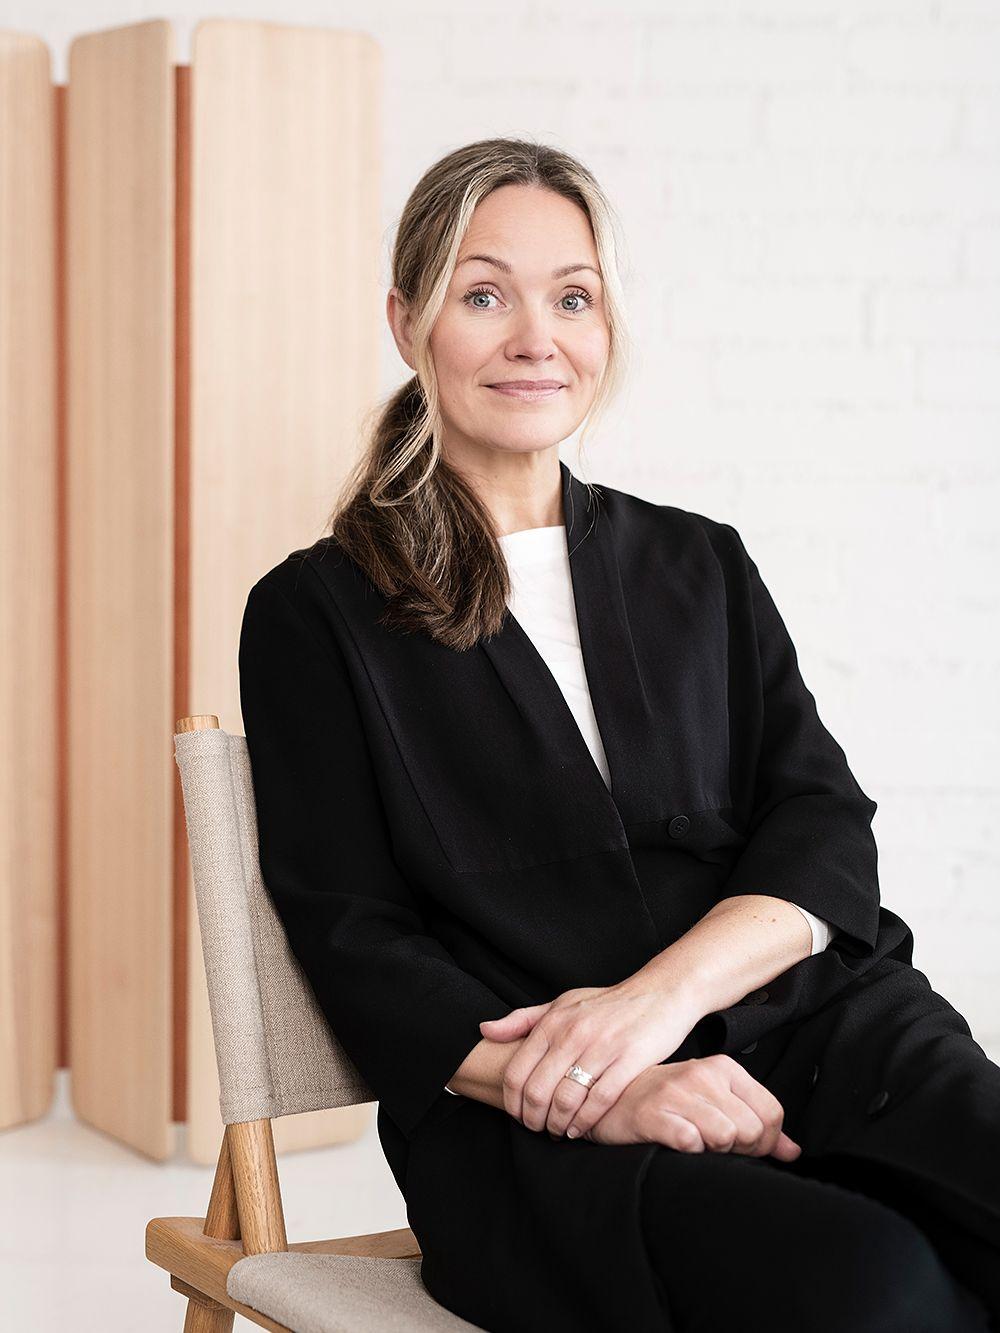 Johanna Vuorio of Nikari and Woodnotes